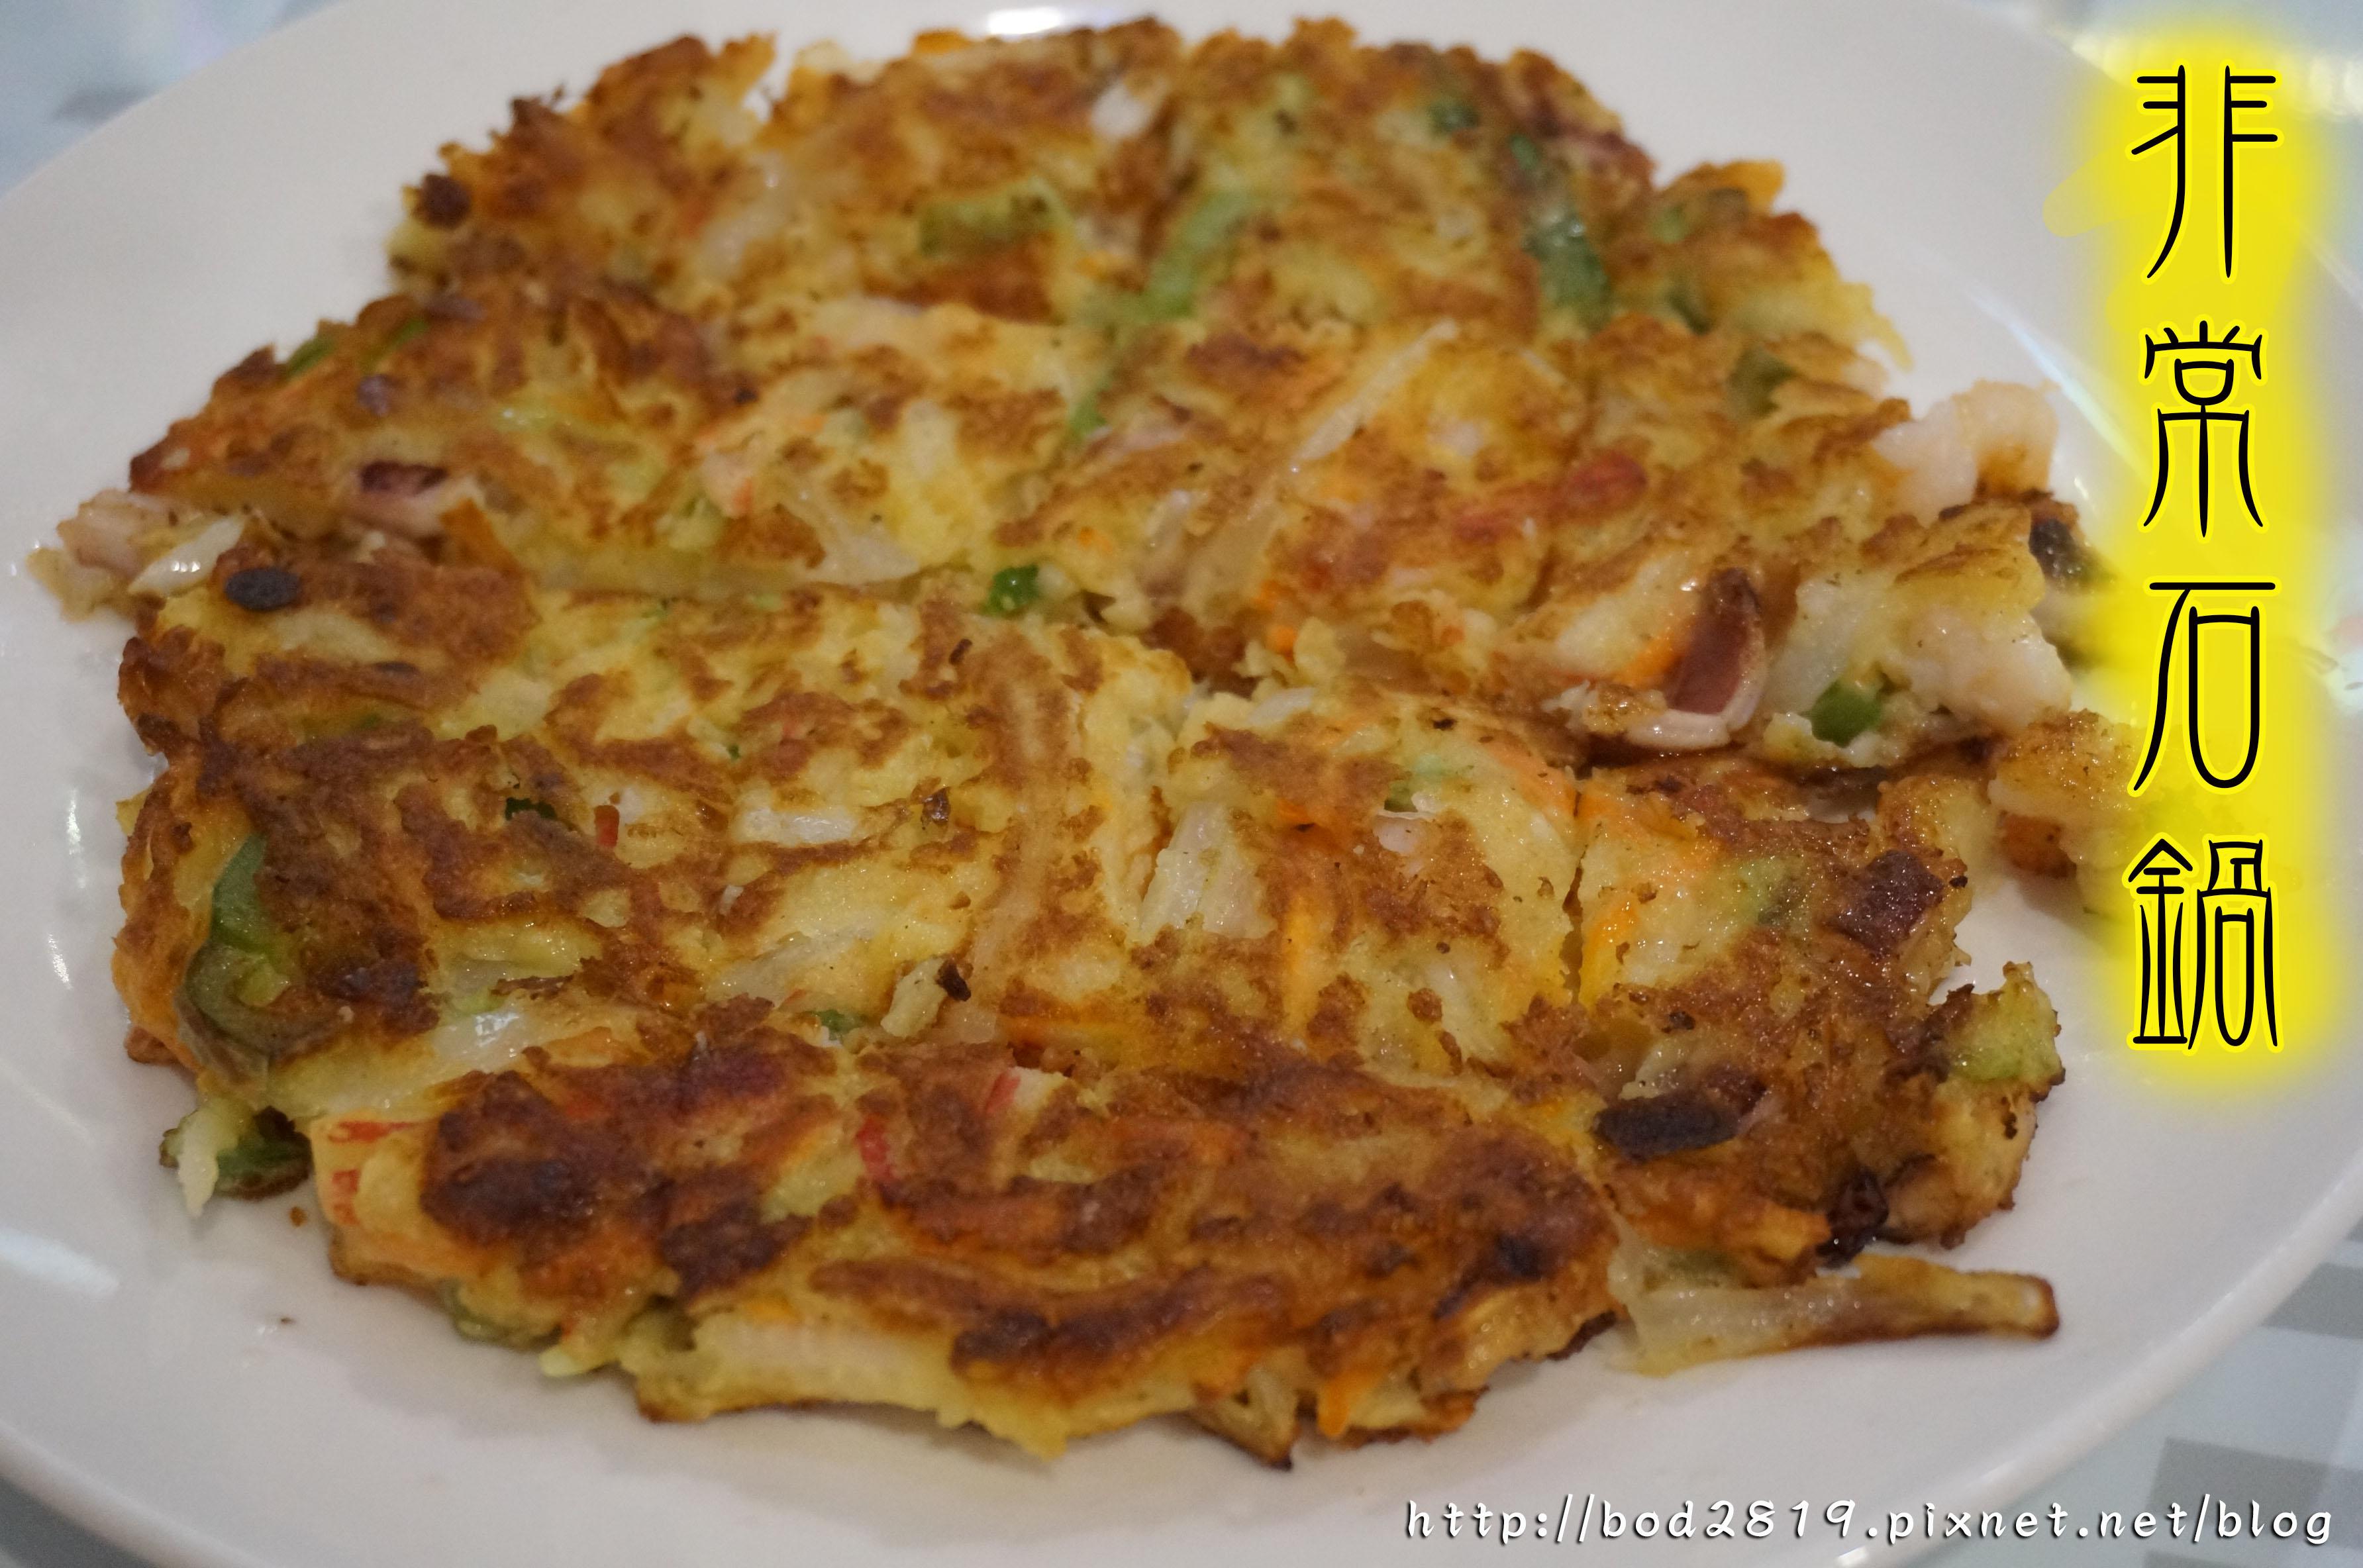 【台中北區】非常石鍋-平價韓式料理,近親親戲院,吃完還可以看個電影